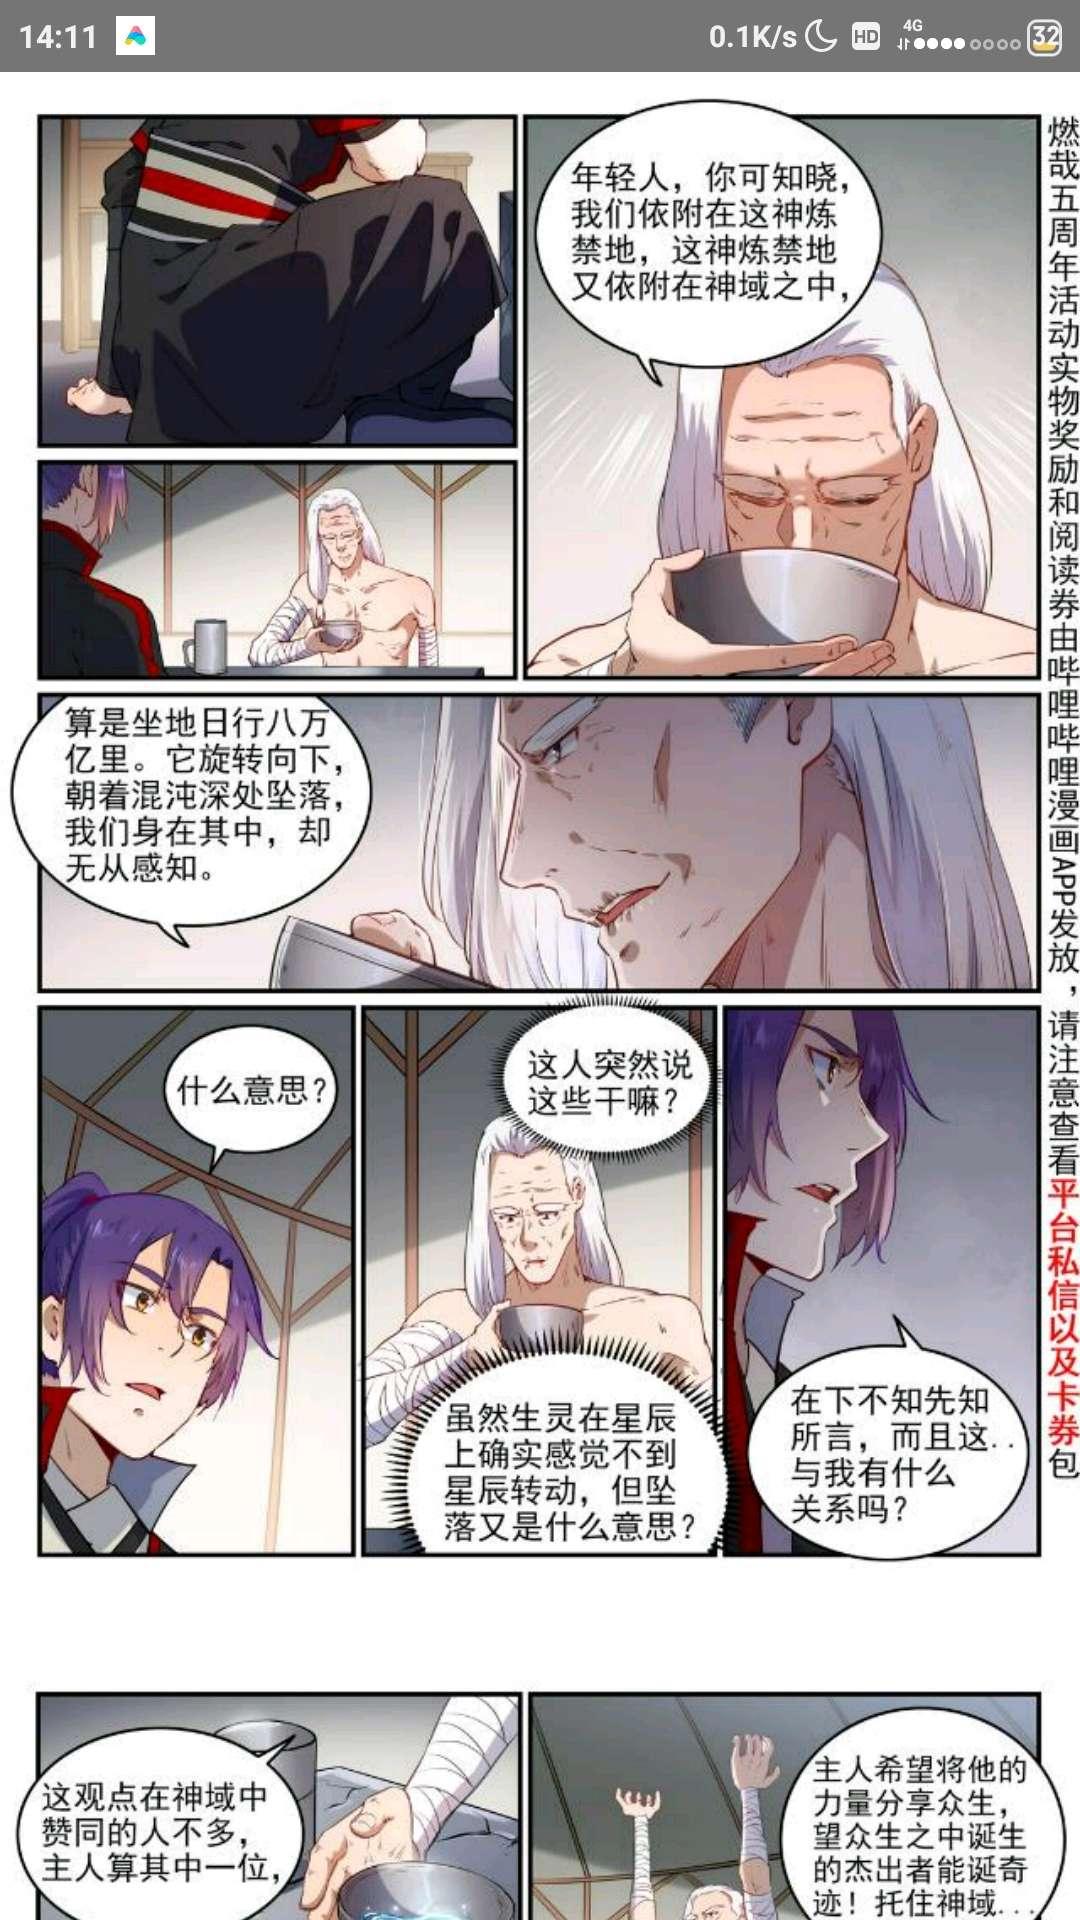 【漫画更新】百炼成神  736体内战争-小柚妹站